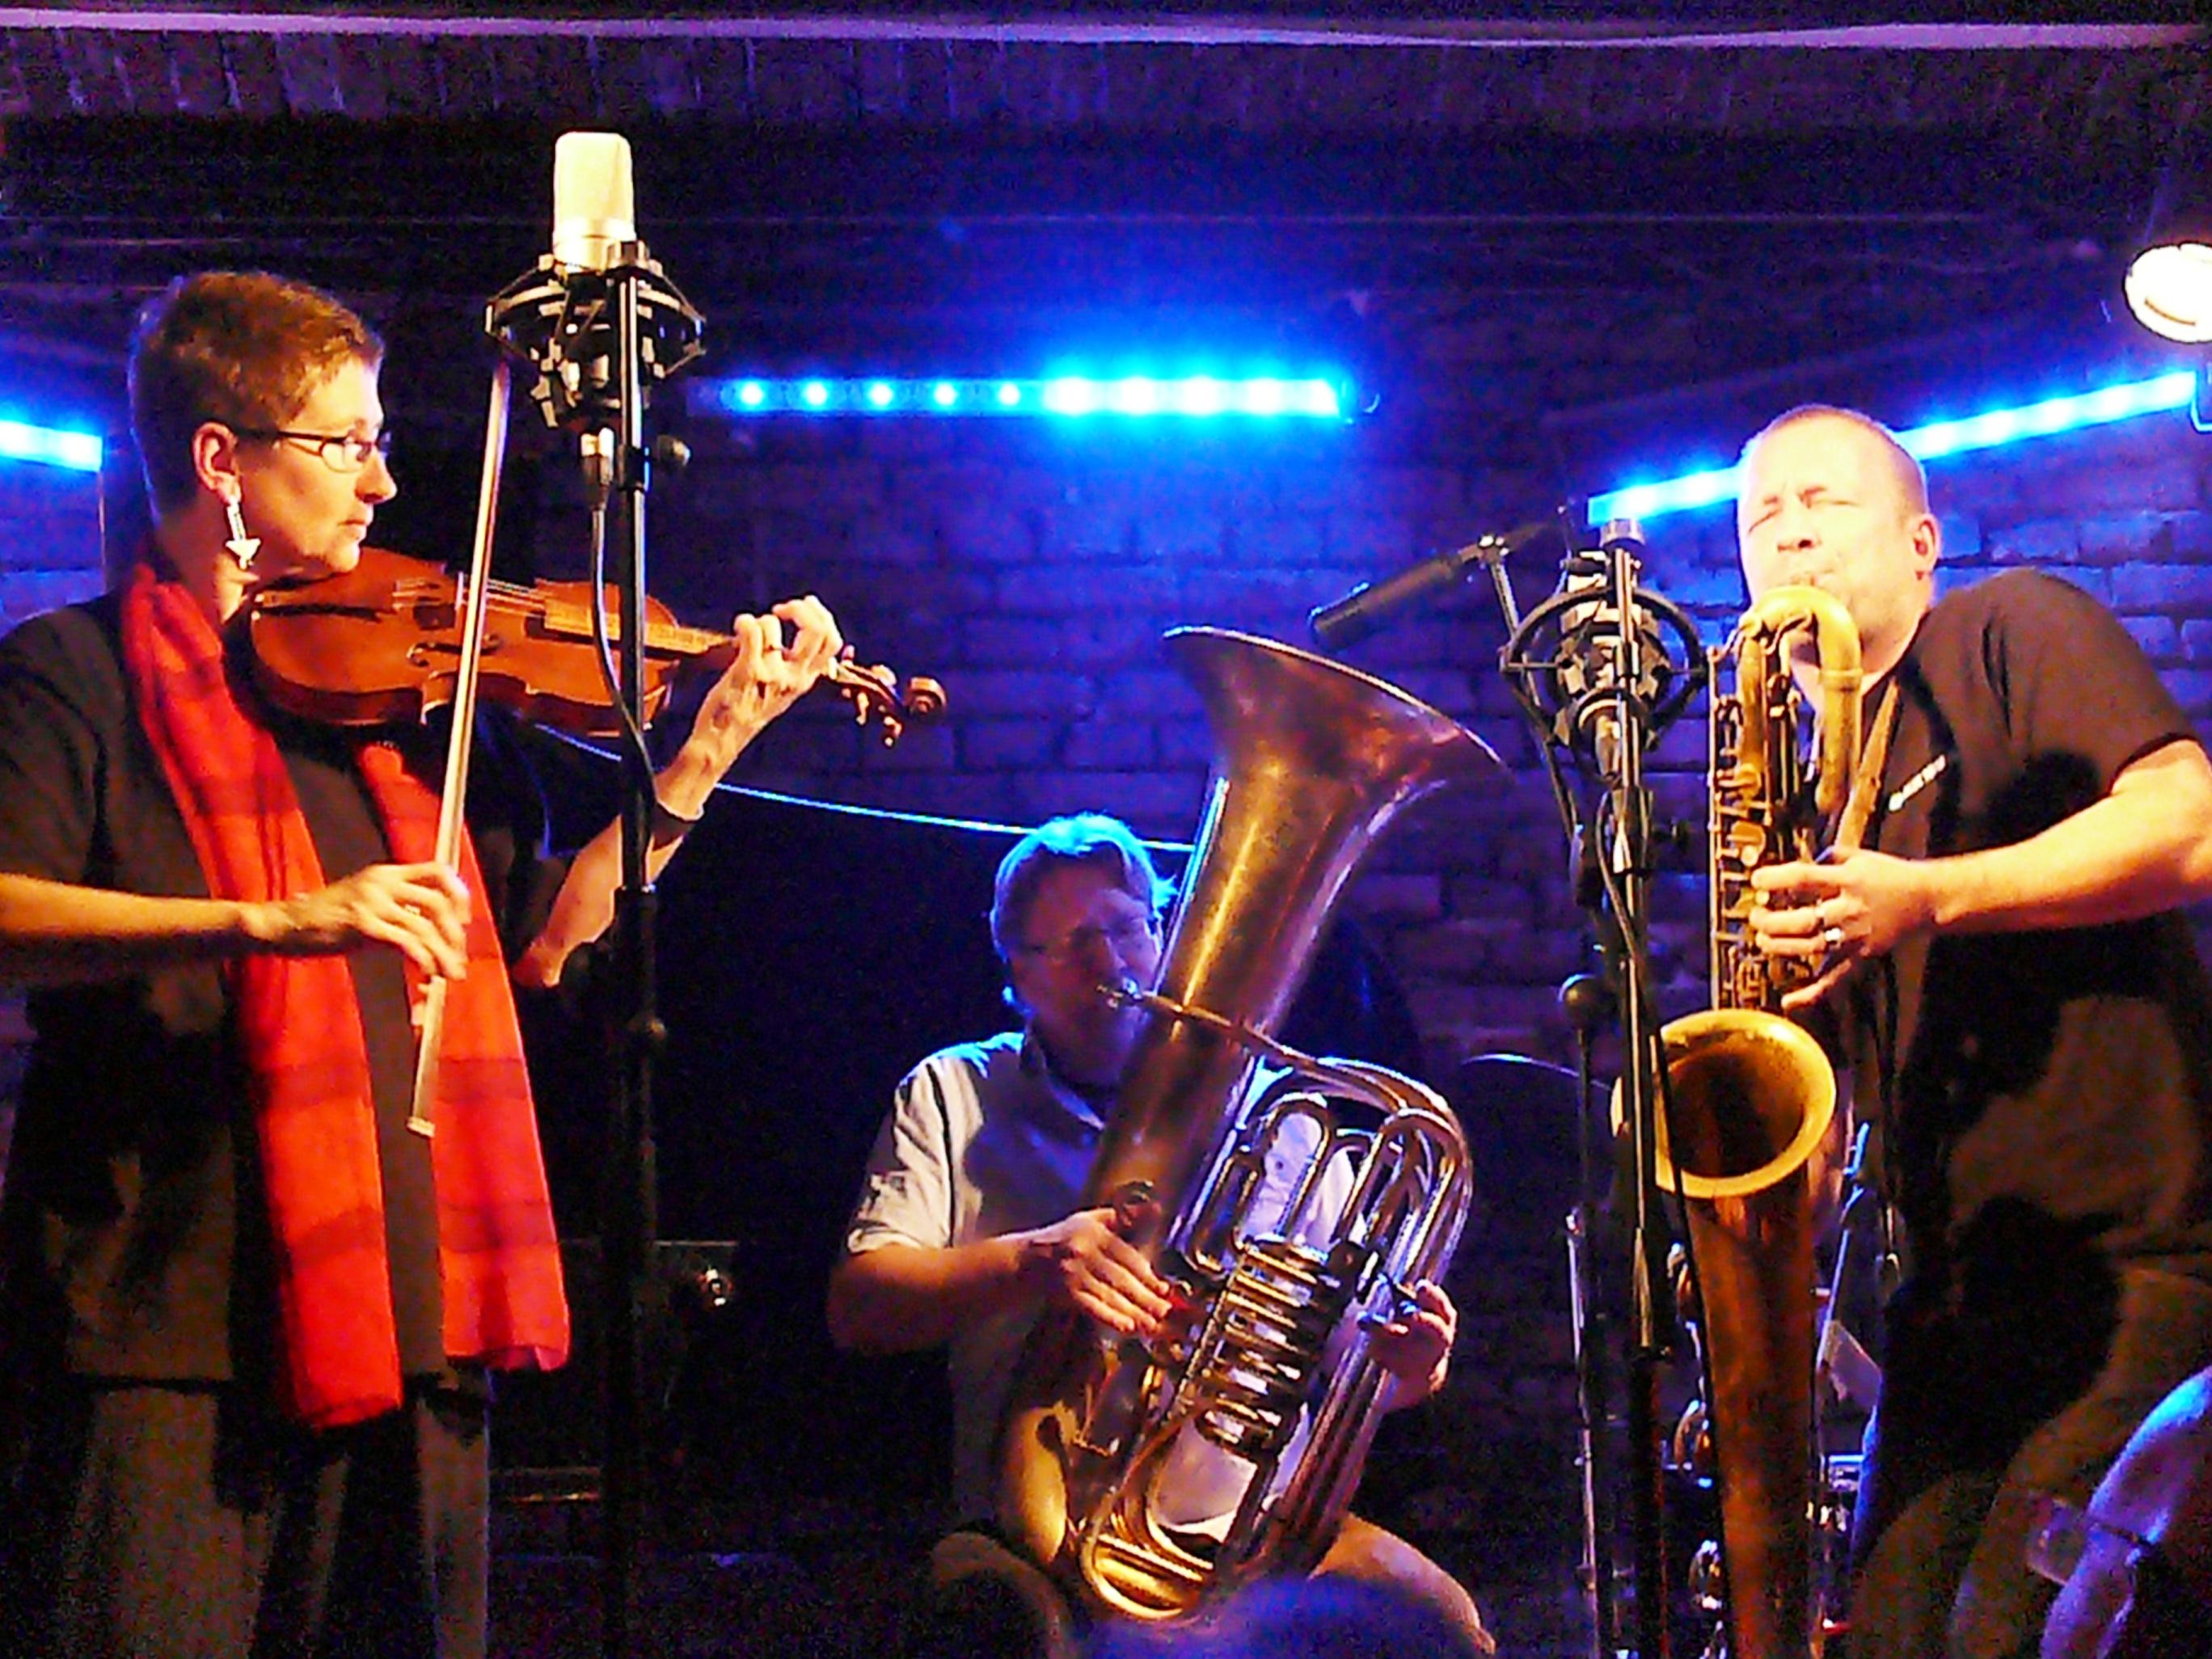 Maya Homburger, Per Ake Holmlander and Mats Gustafsson at Alchemia, Krakow in November 2012